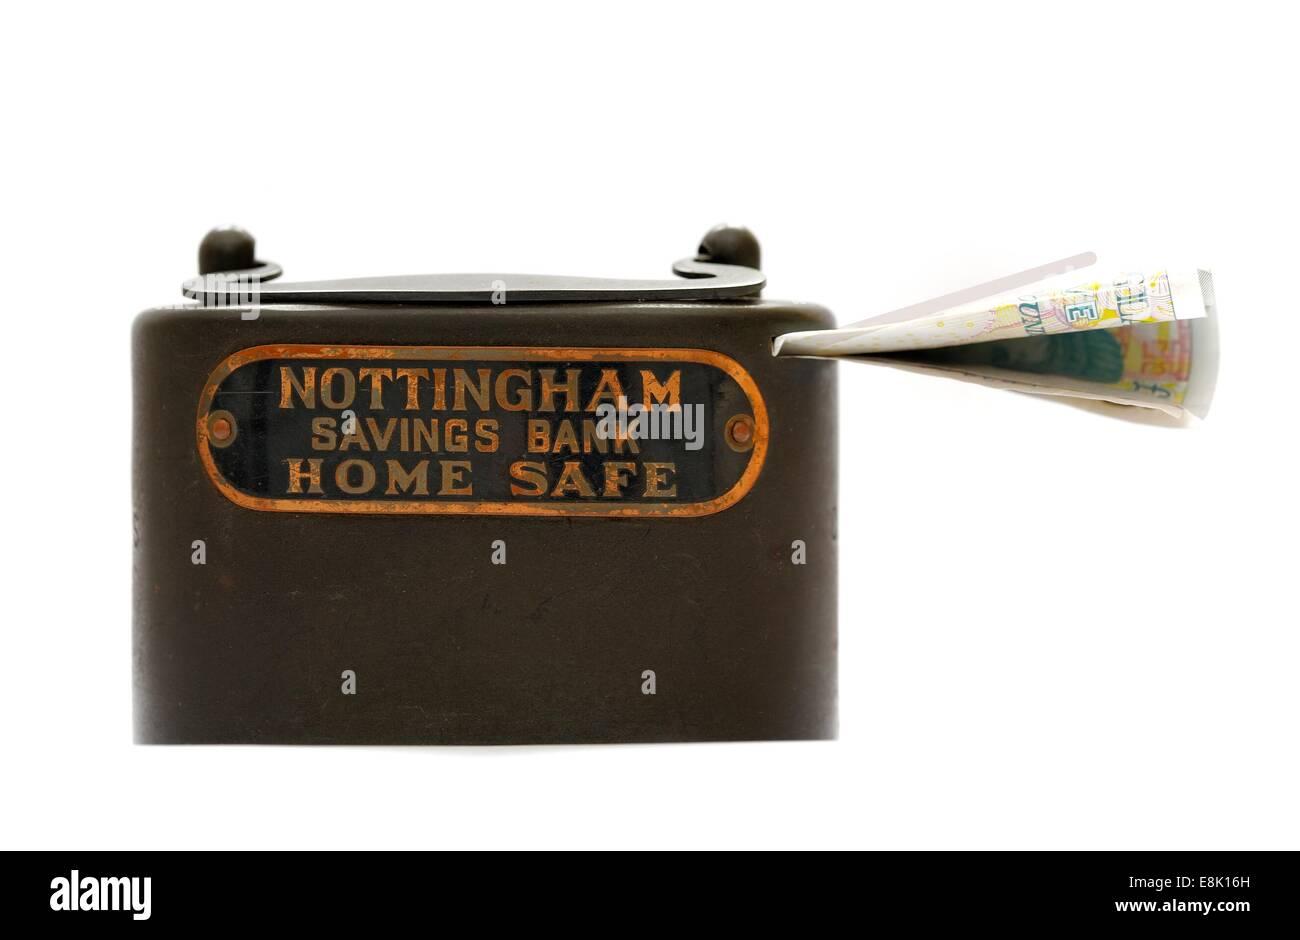 Old Nottingham savings bank home safe money box England uk - Stock Image